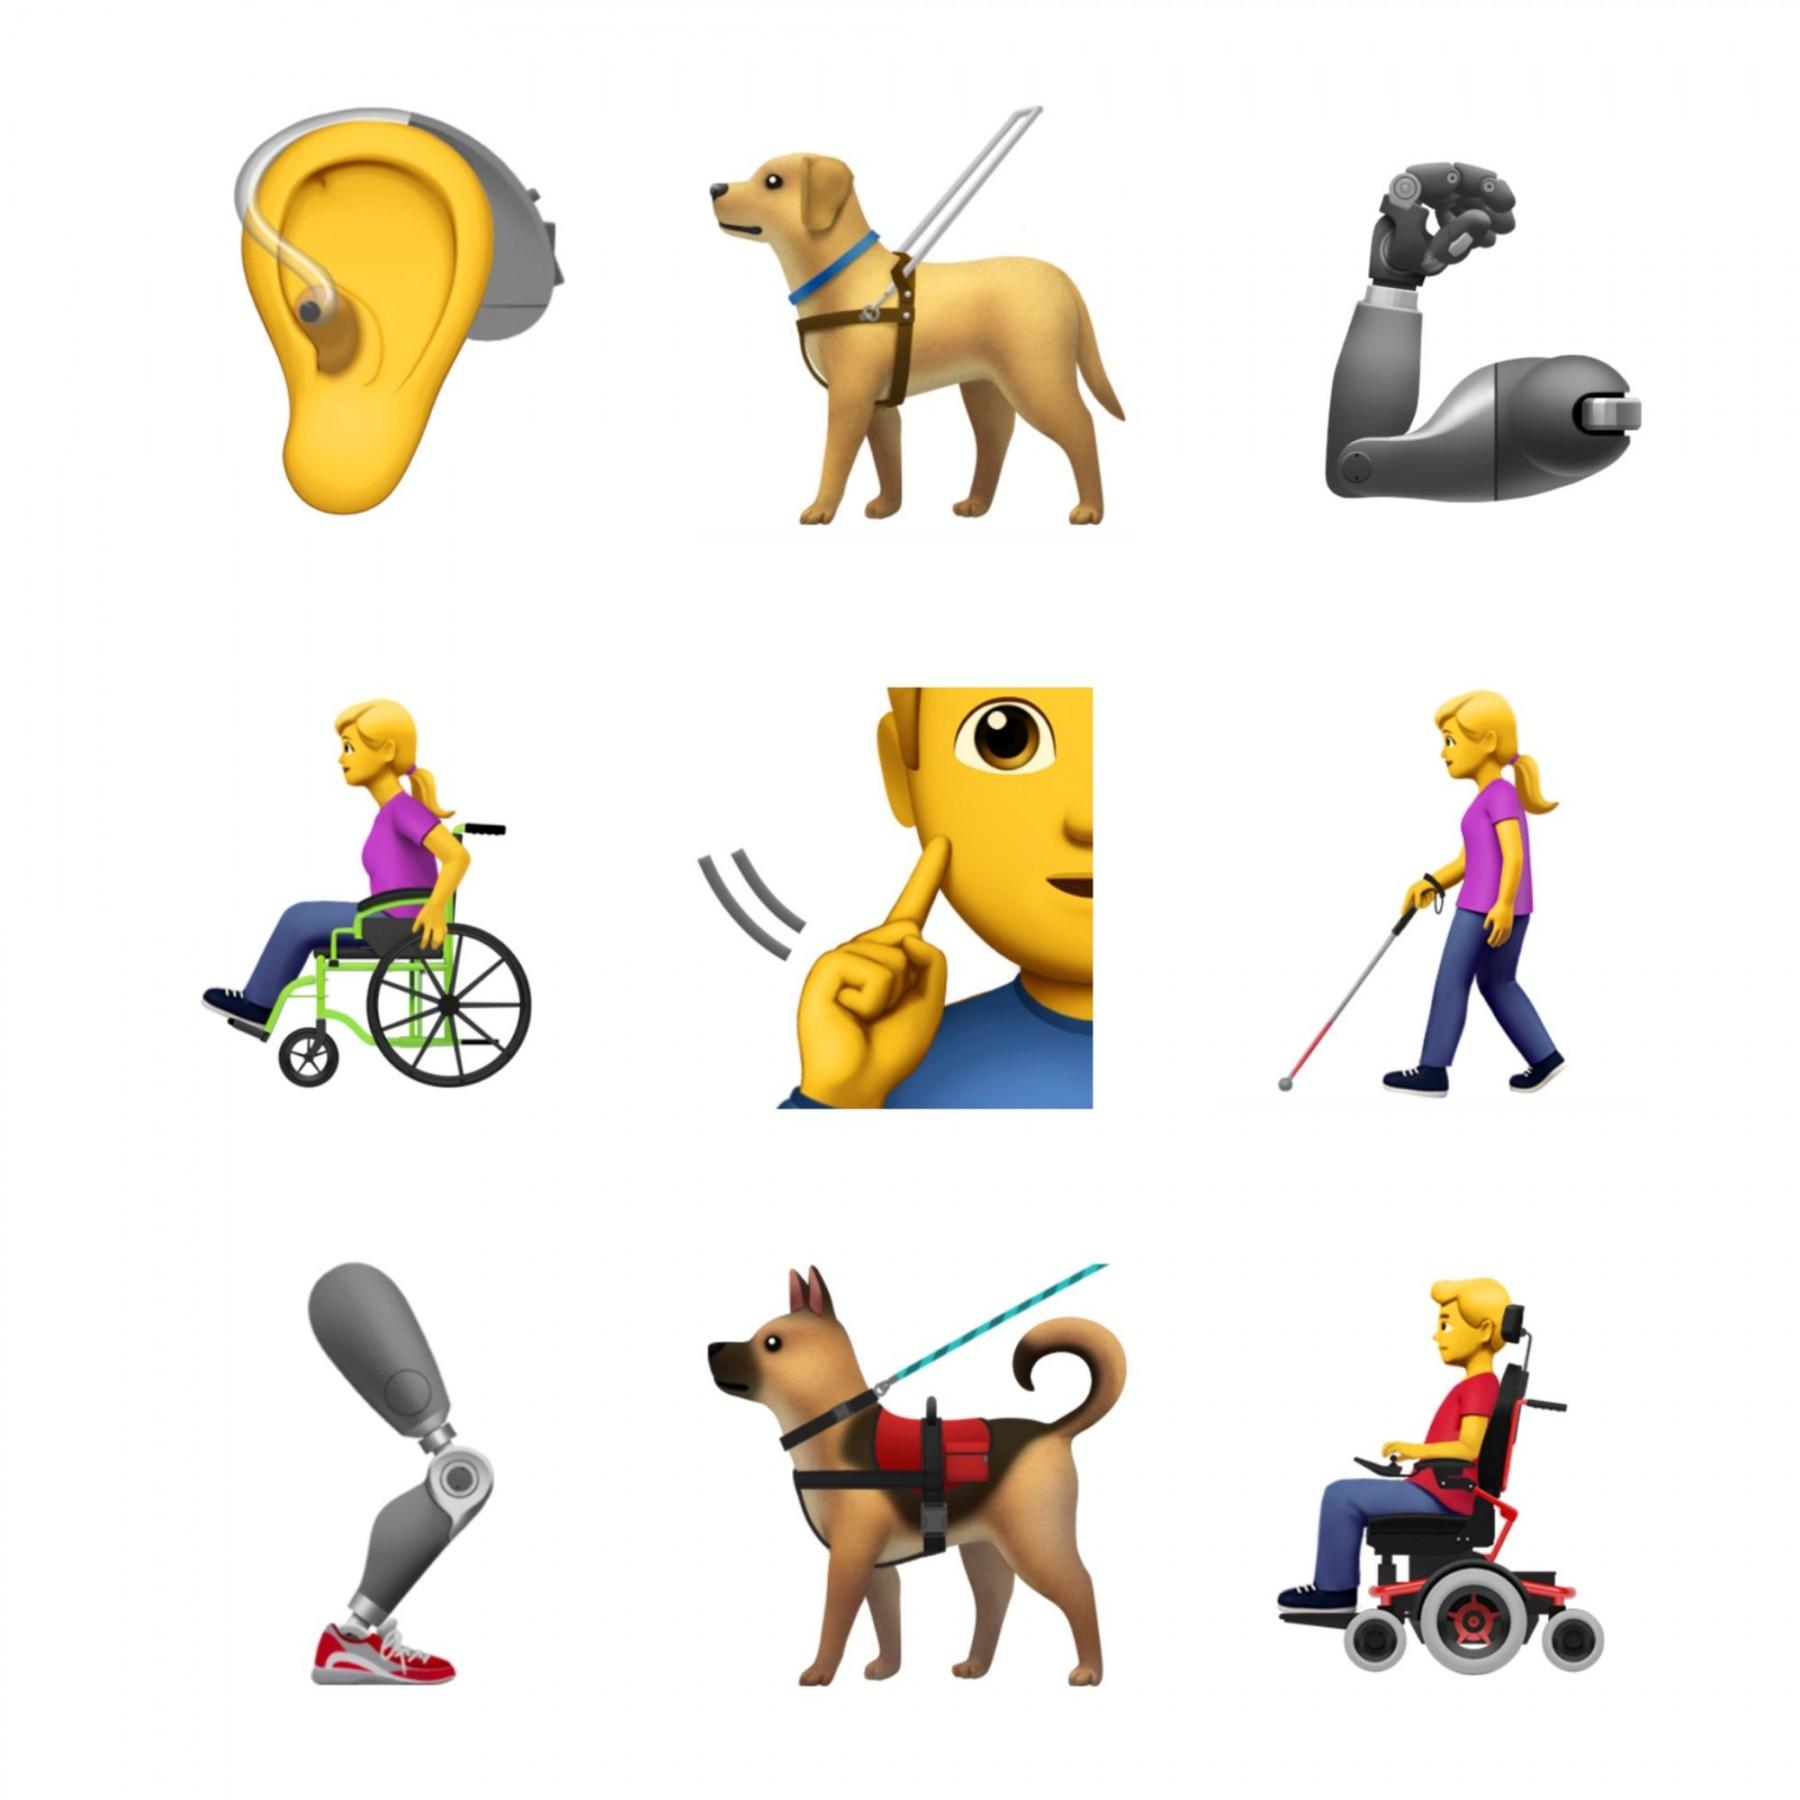 苹果公司残疾人主题表情符号